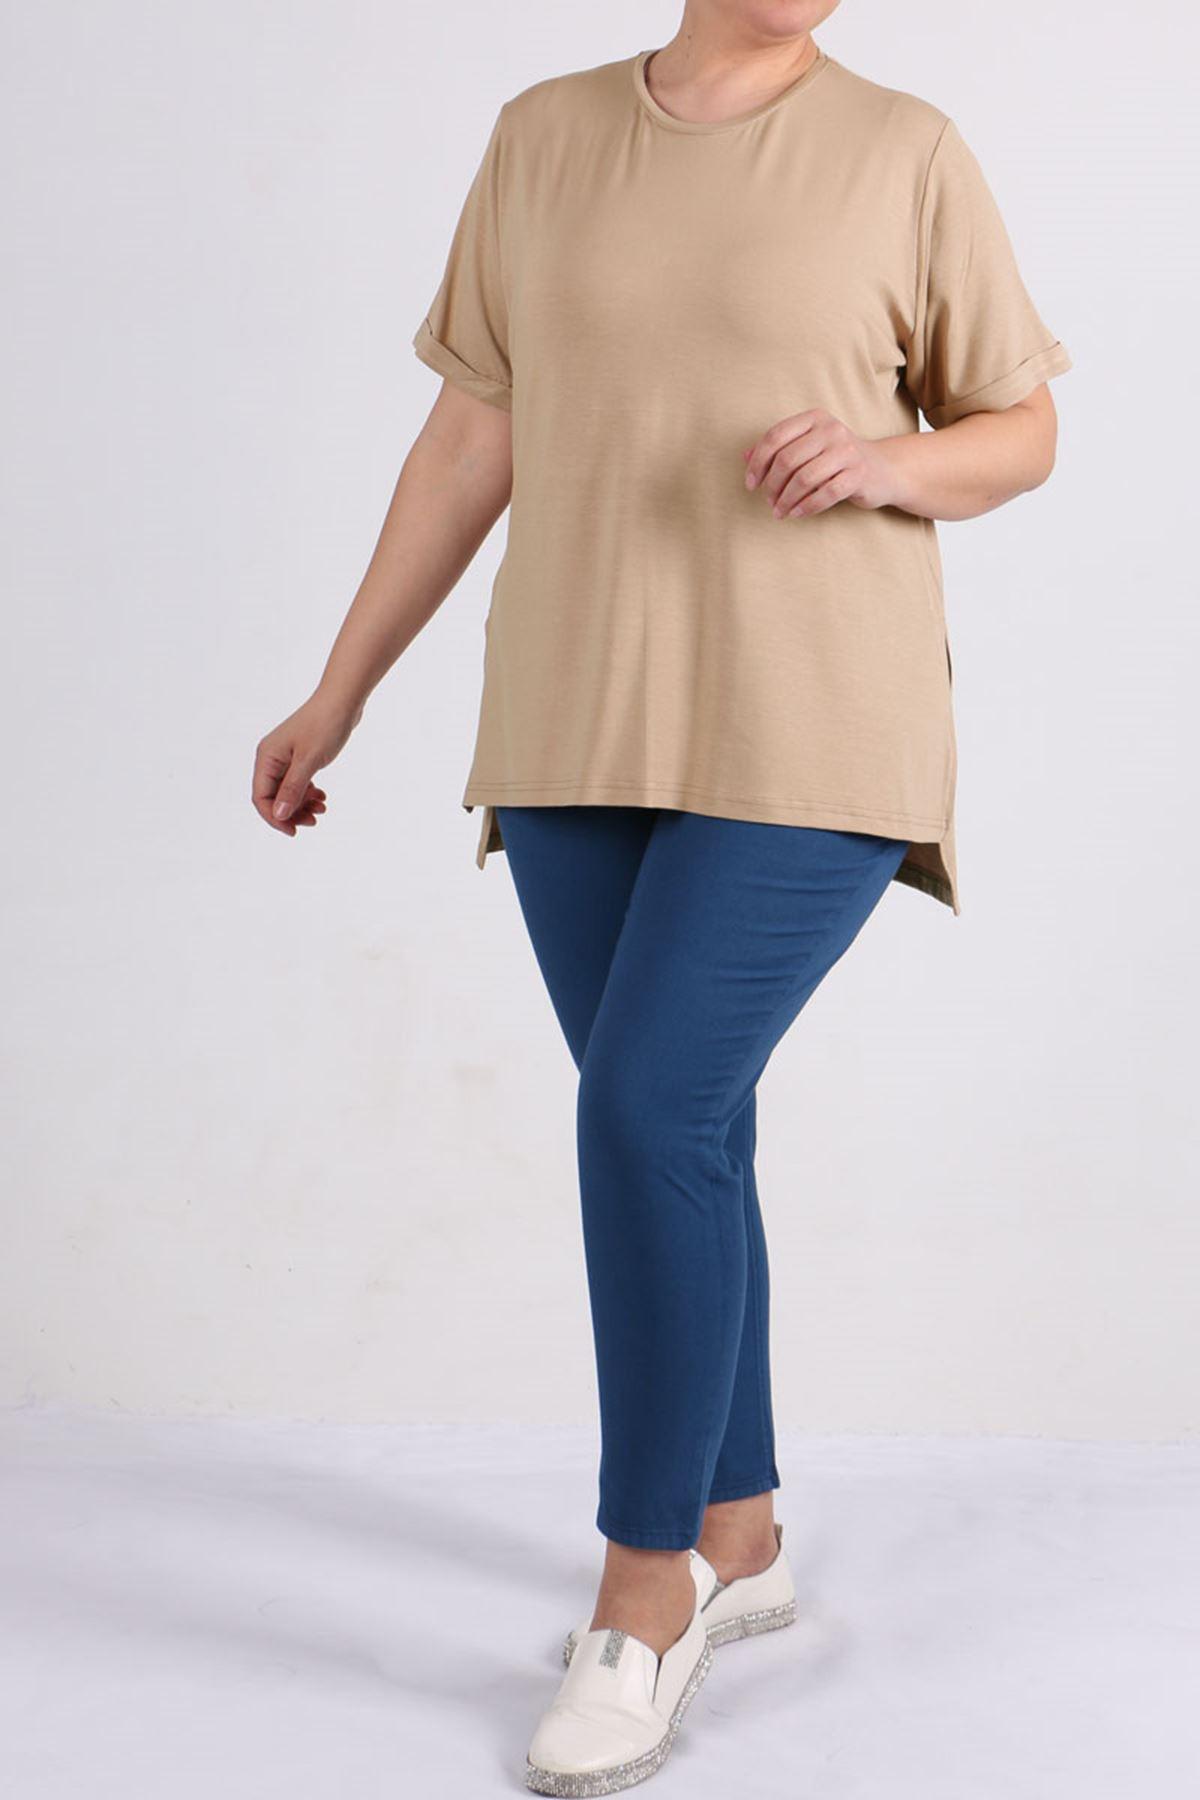 8529 Plus Size Basic T-shirt - Stone